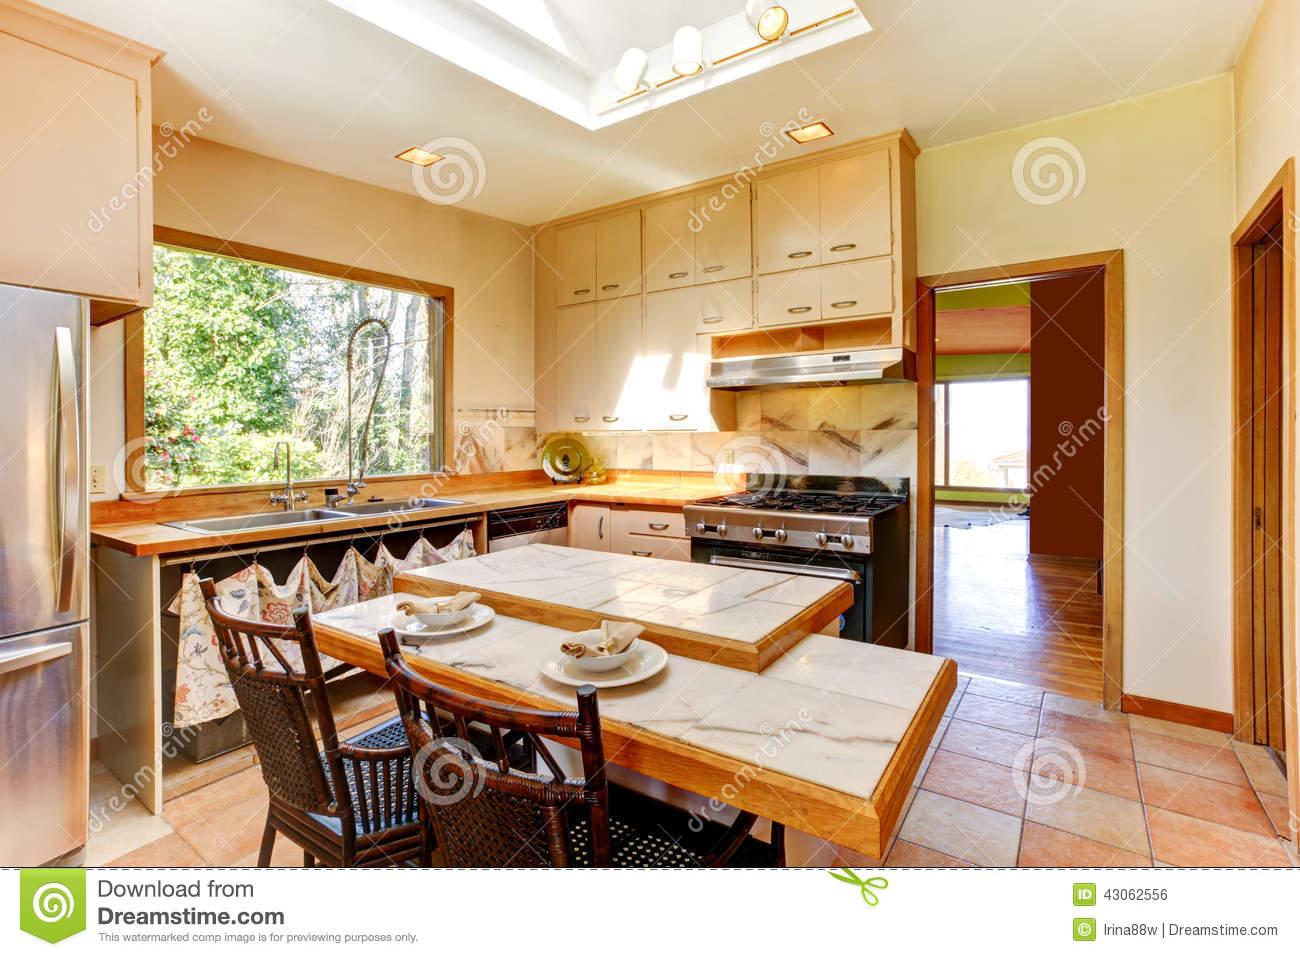 Wicker kitchen chairs Photo - 3